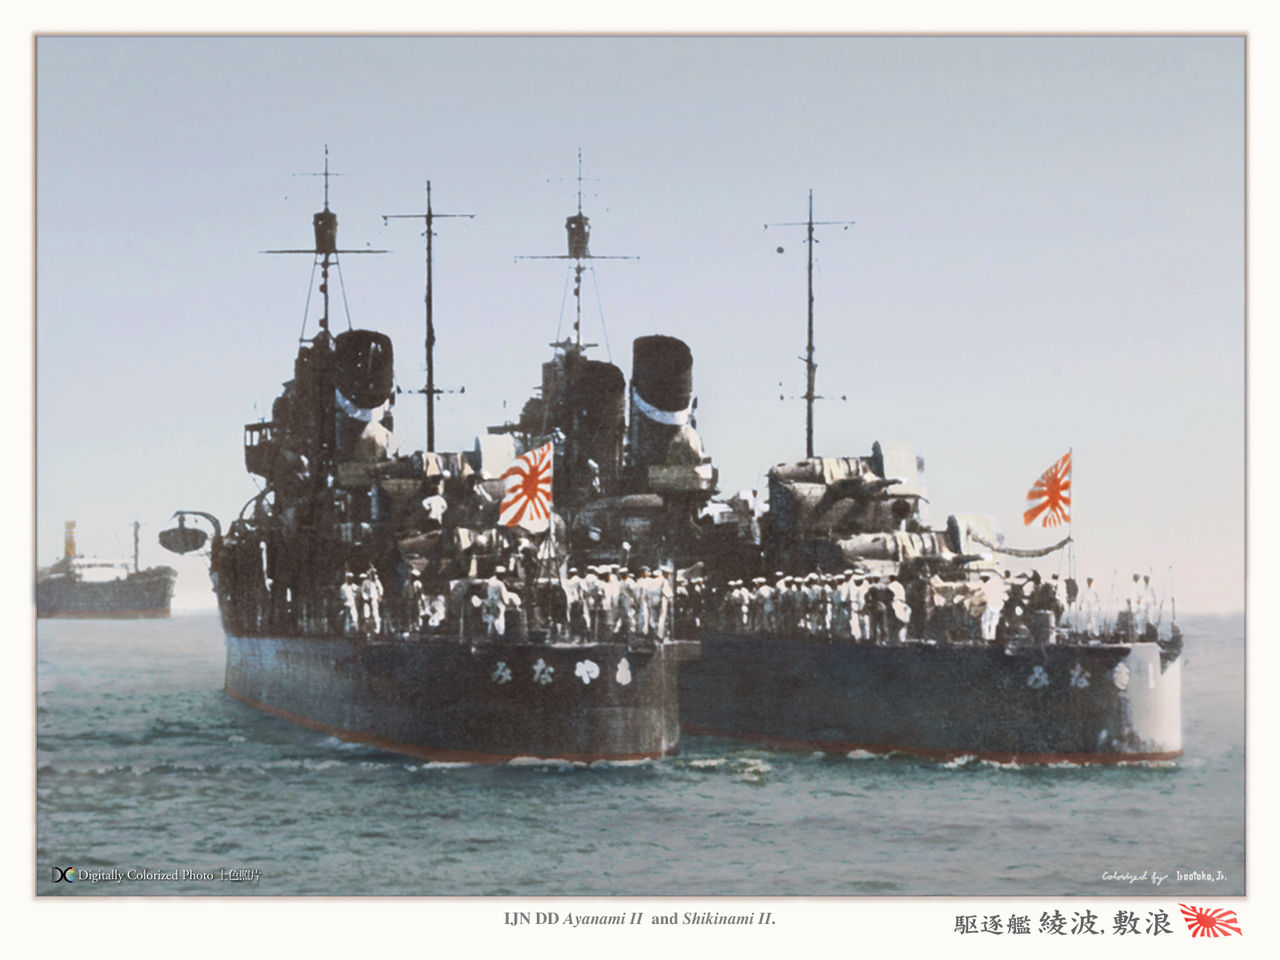 吹雪型駆逐艦 - Fubuki-class destroyer - JapaneseClass.jp